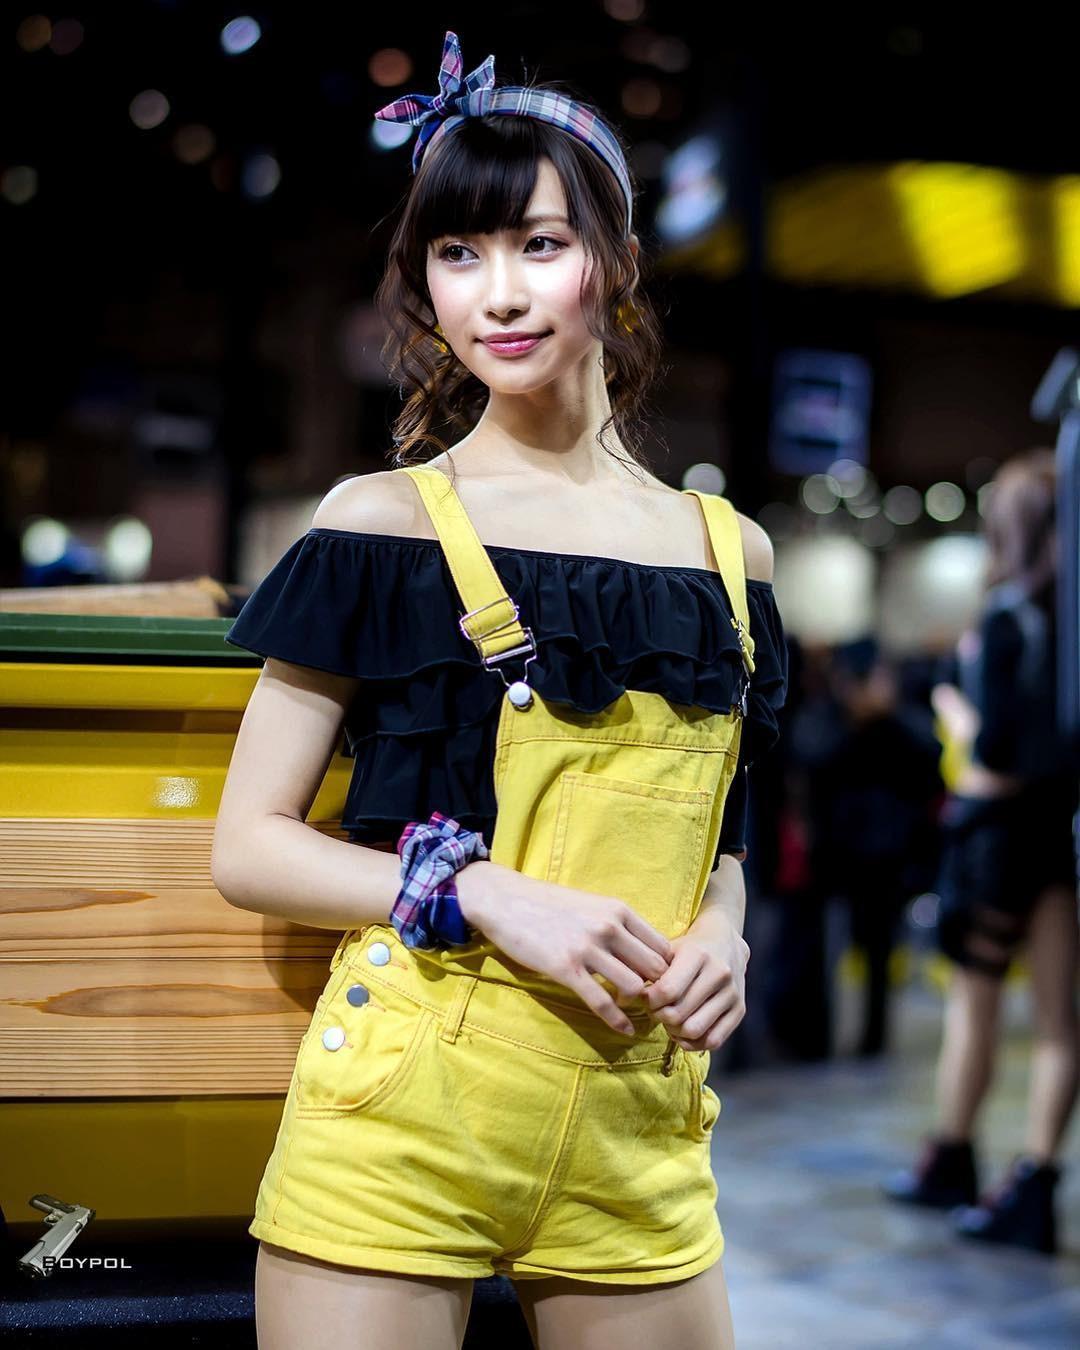 Tan chảy trước nhan sắc của dàn chân dài trong triển lãm Tokyo Auto Salon 2019 - 19